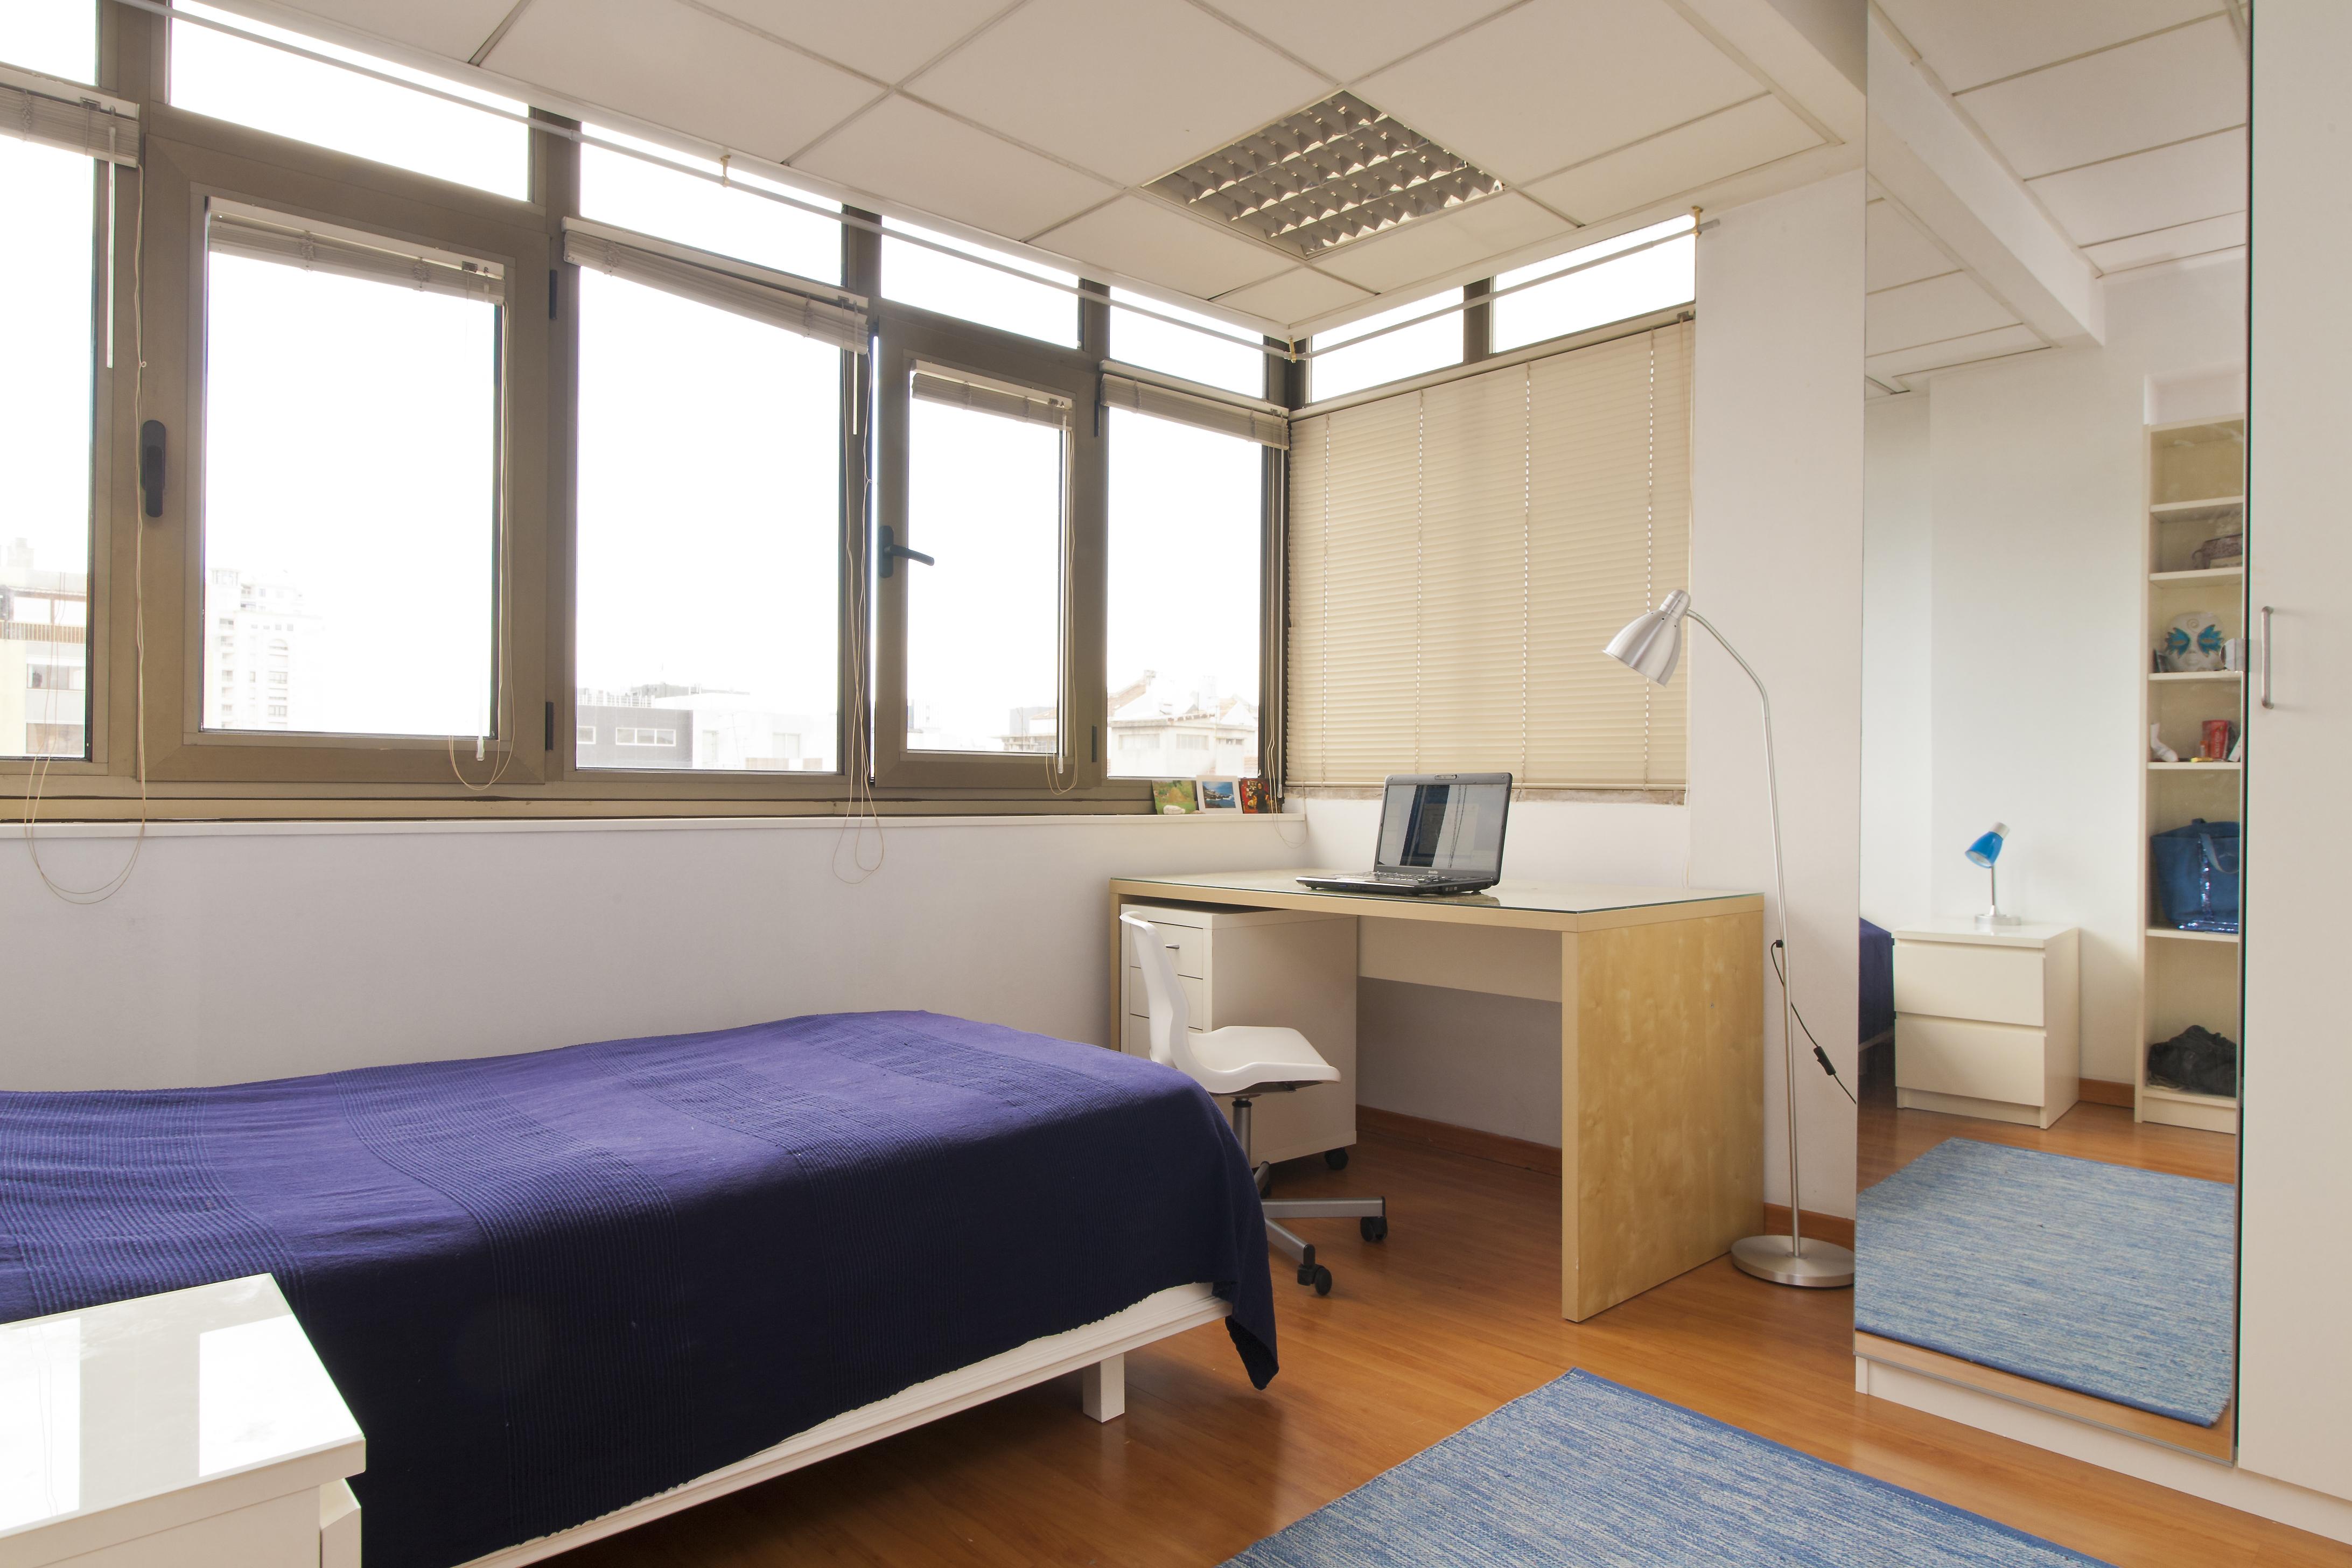 AR_-_Quarto.Room_nº8_-_Foto_2.jpg